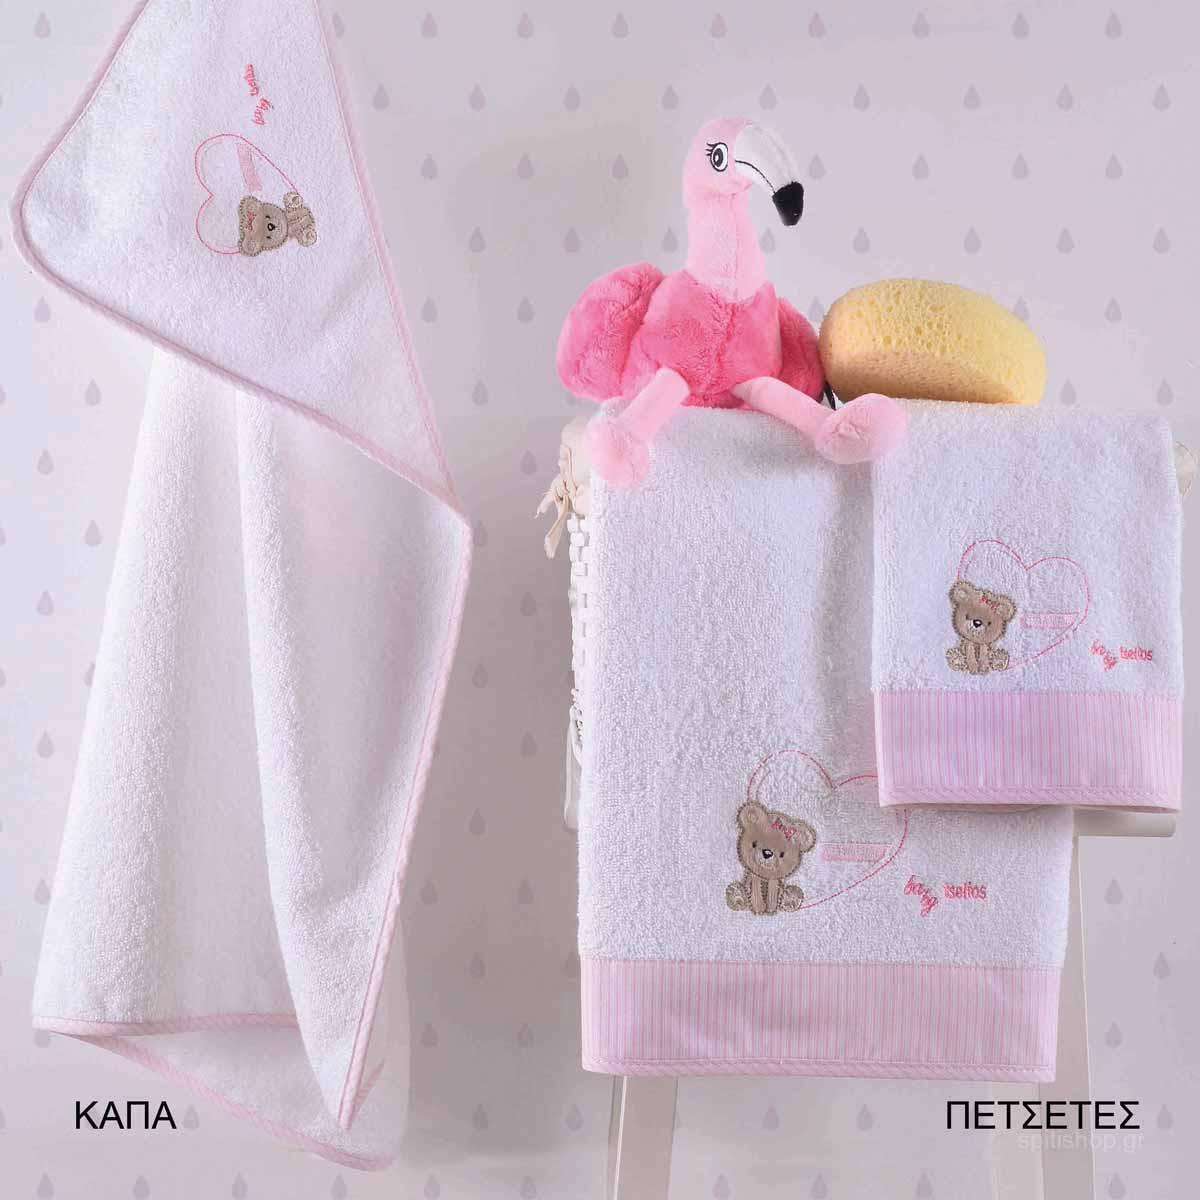 Βρεφικές Πετσέτες (Σετ 2τμχ) Makis Tselios Baby Bibi